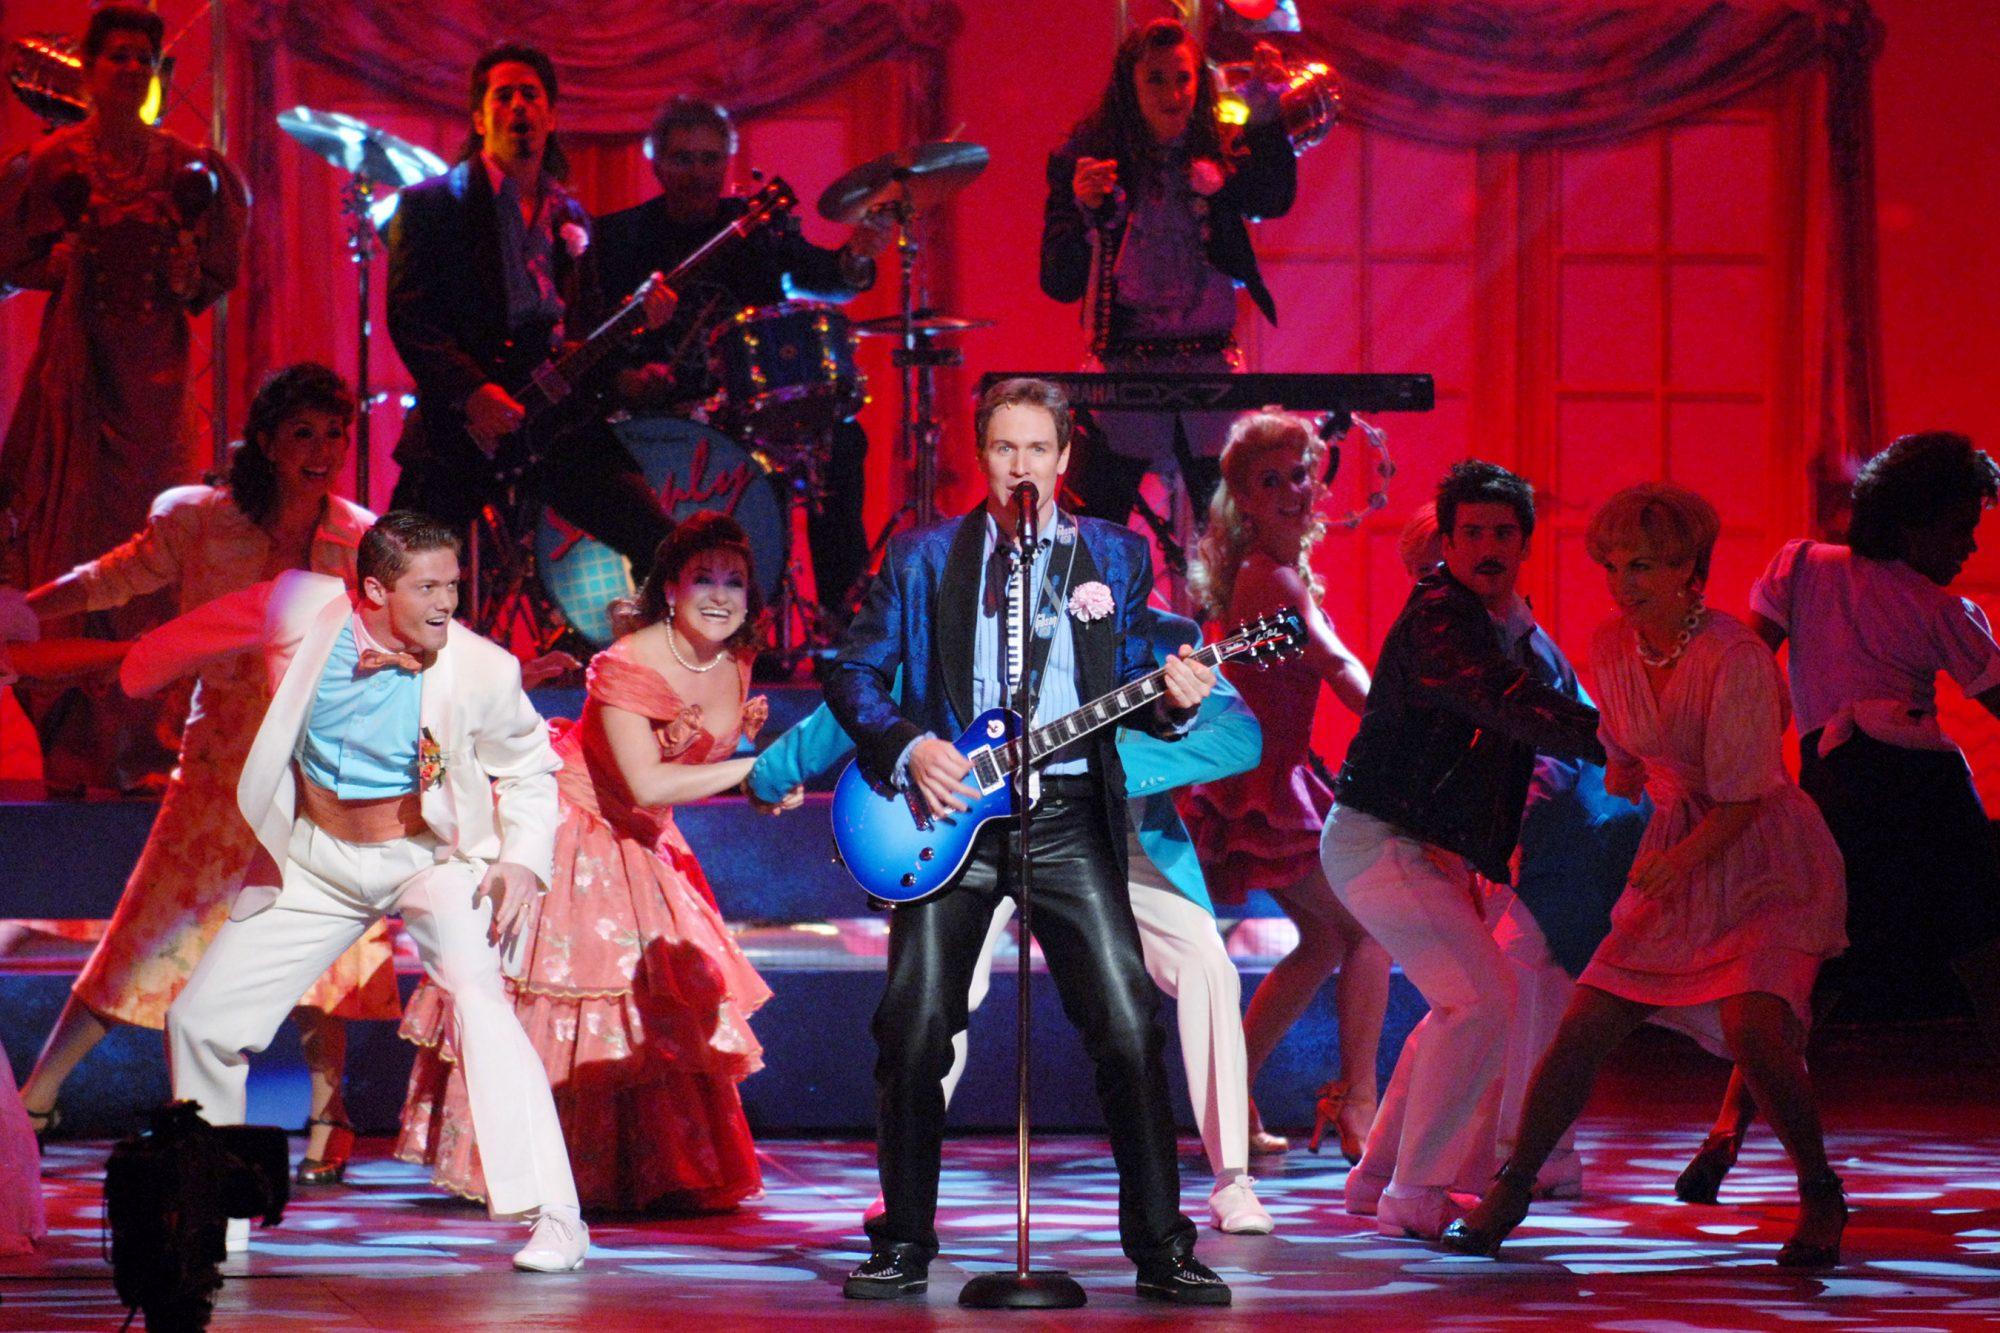 60th Annual Tony Awards  - Show